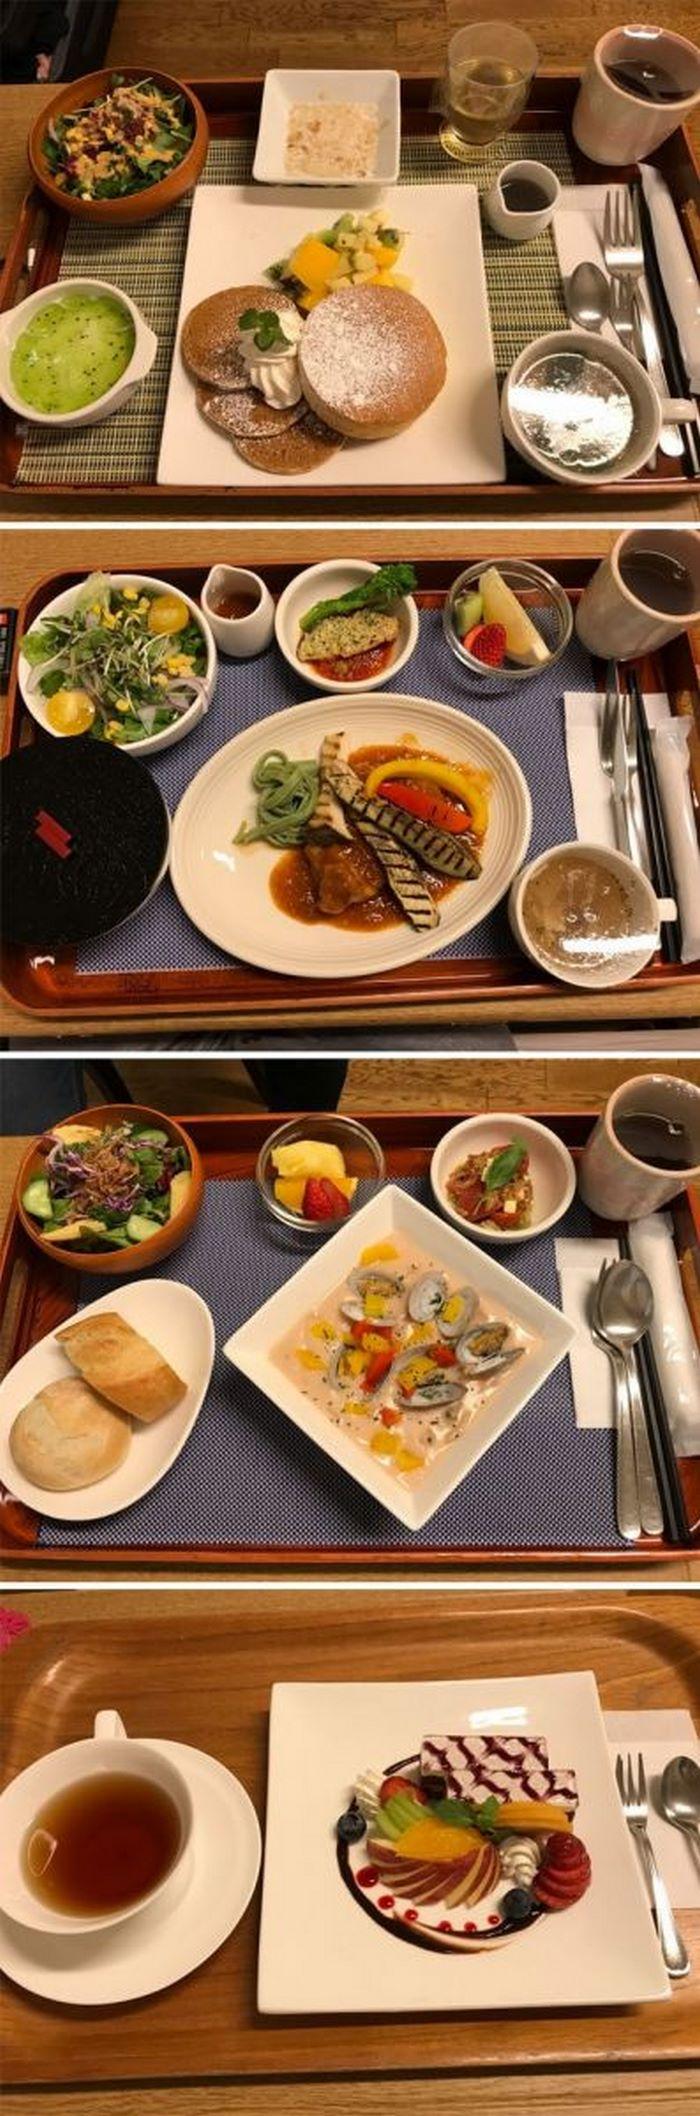 8 доказательств того, как удобно жить в Японии и насколько все продумано